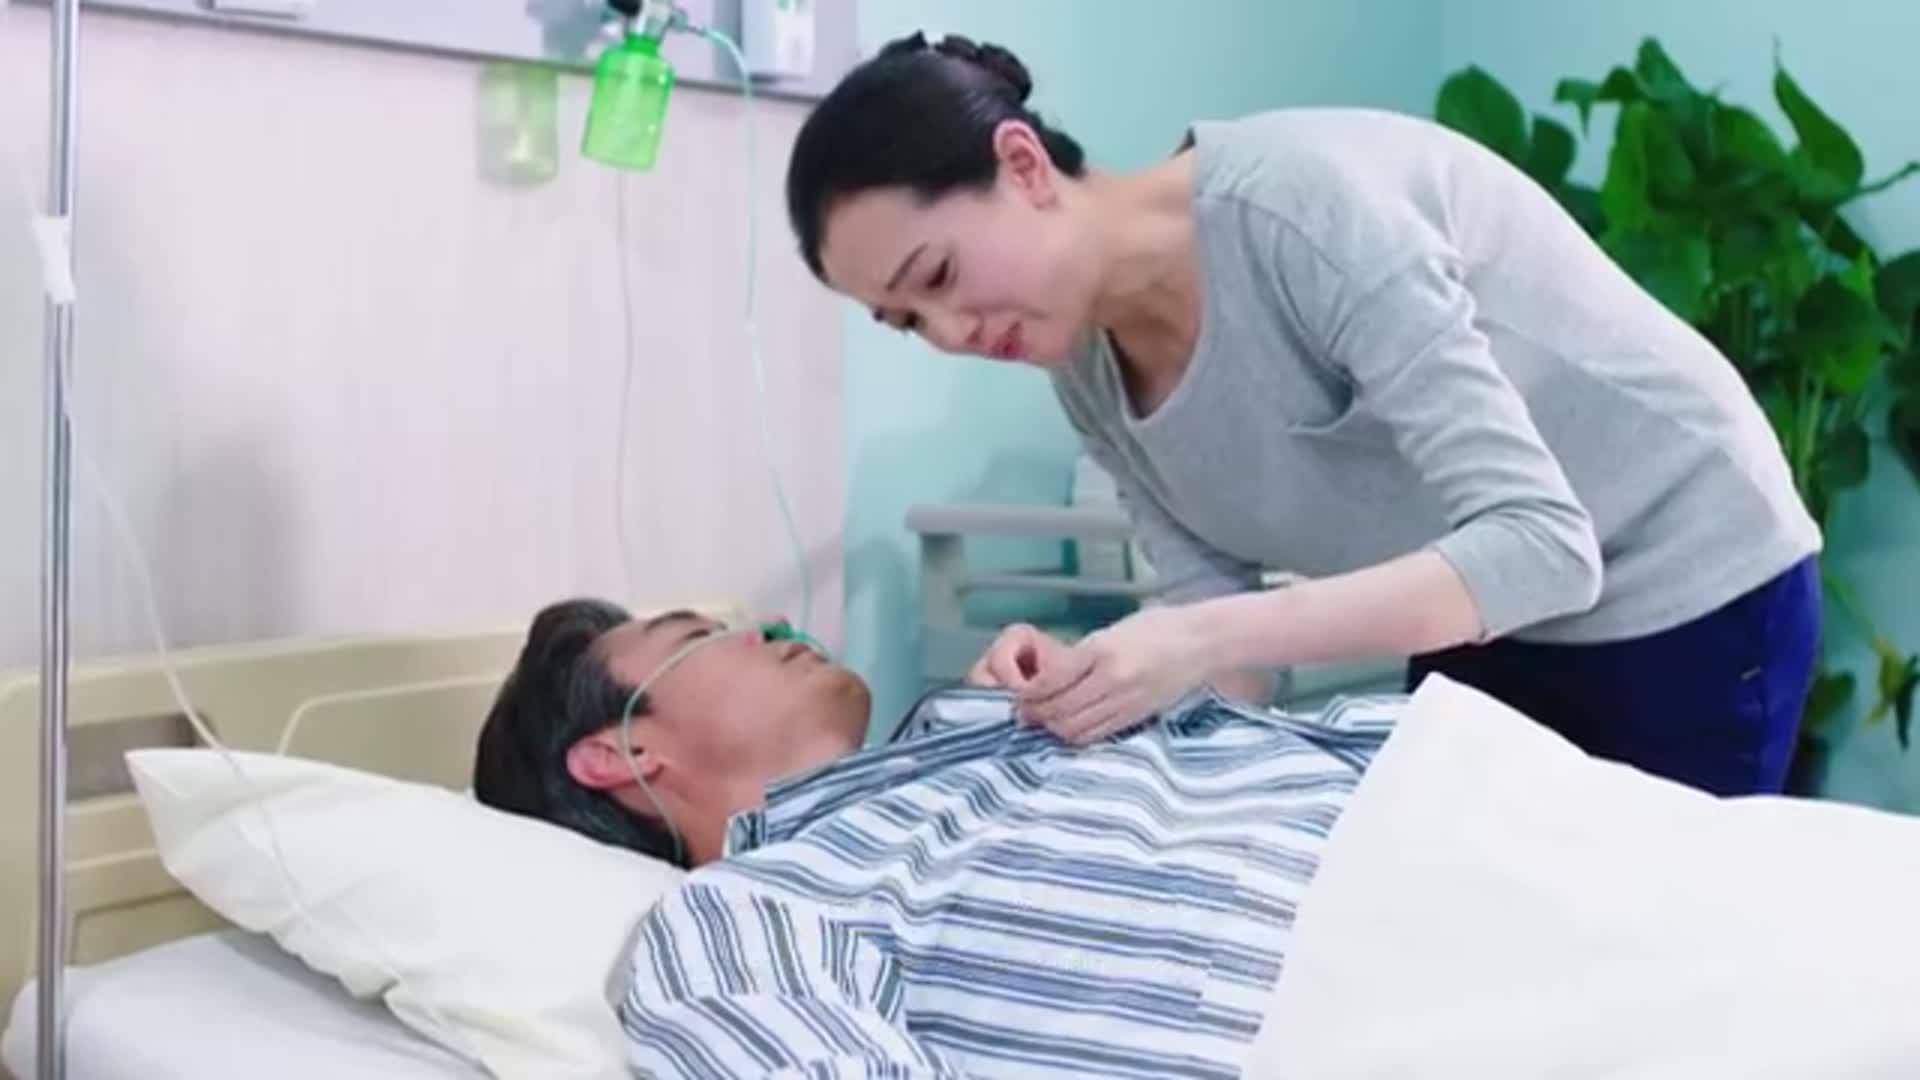 家庭秘密:玉雯希望刘若冰快点醒来,刘光辉打电话给玉雯